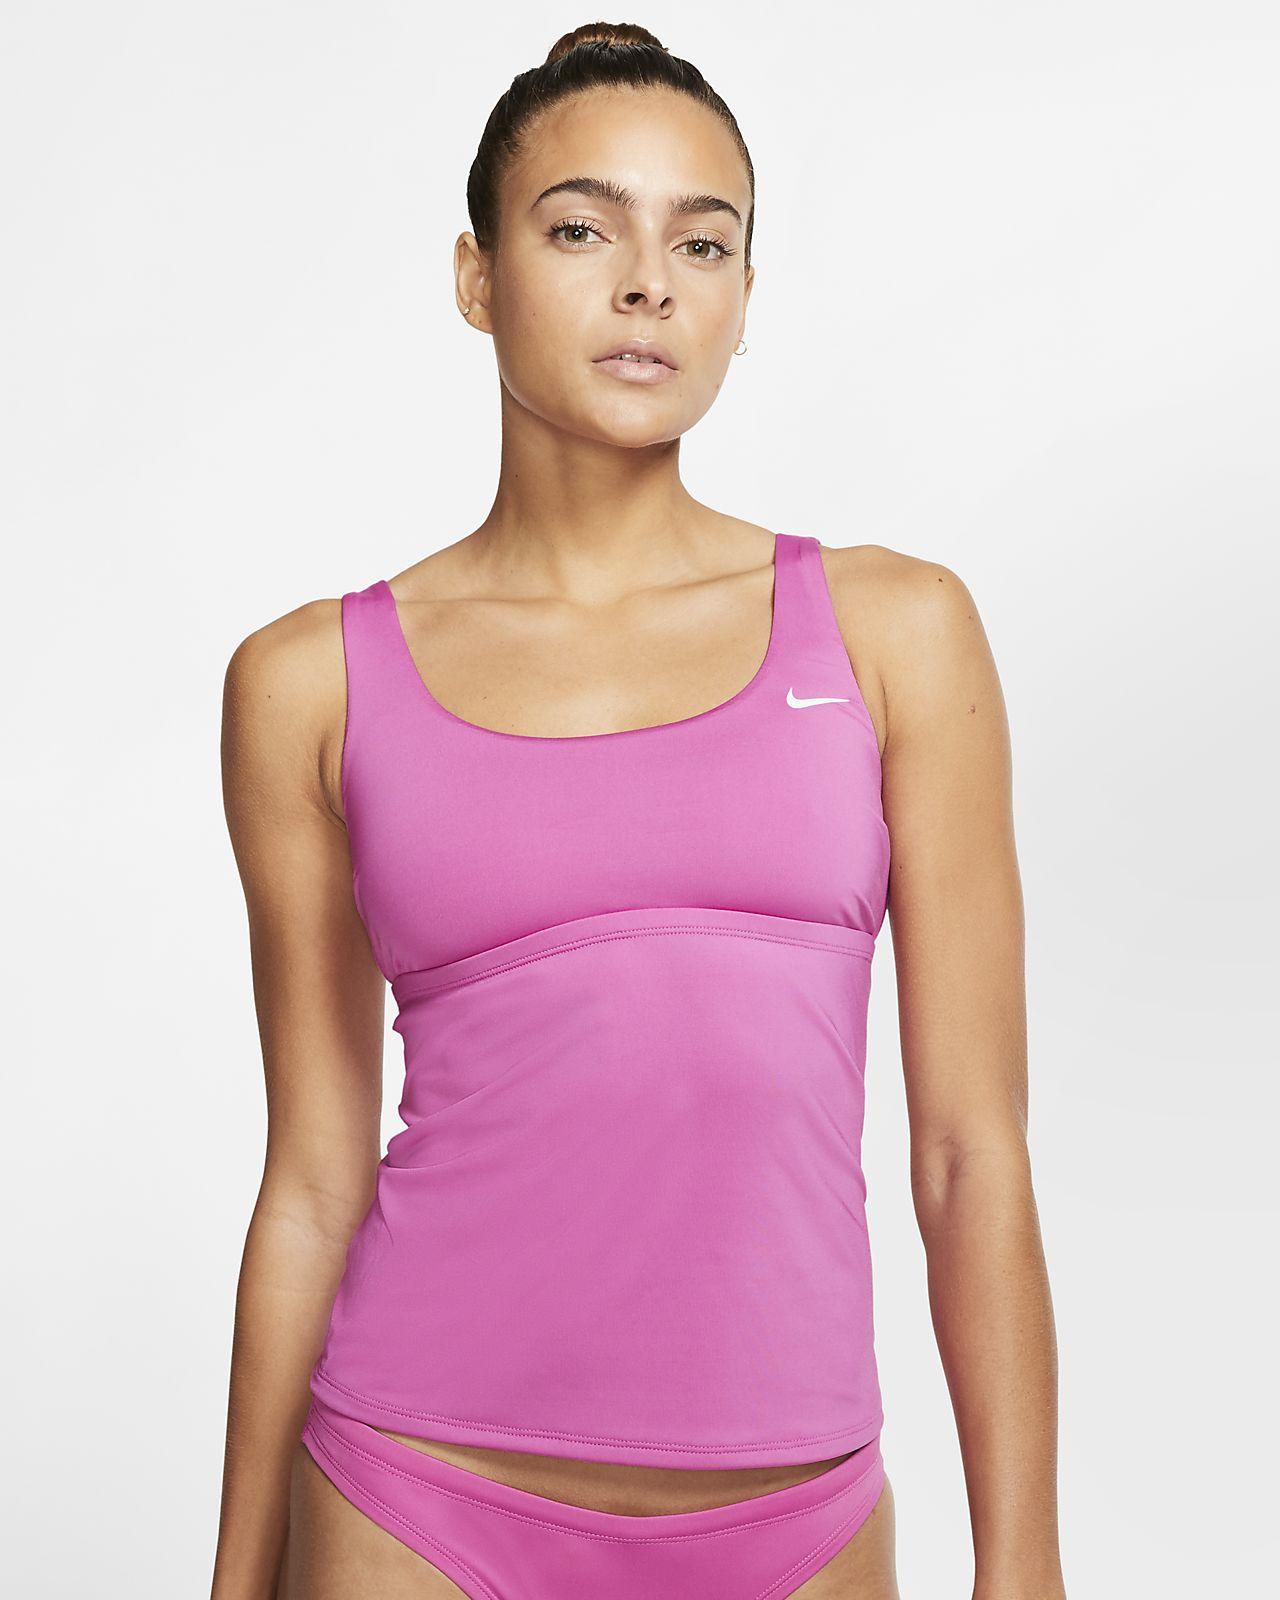 Nike Tankini Women's Swimsuit Top